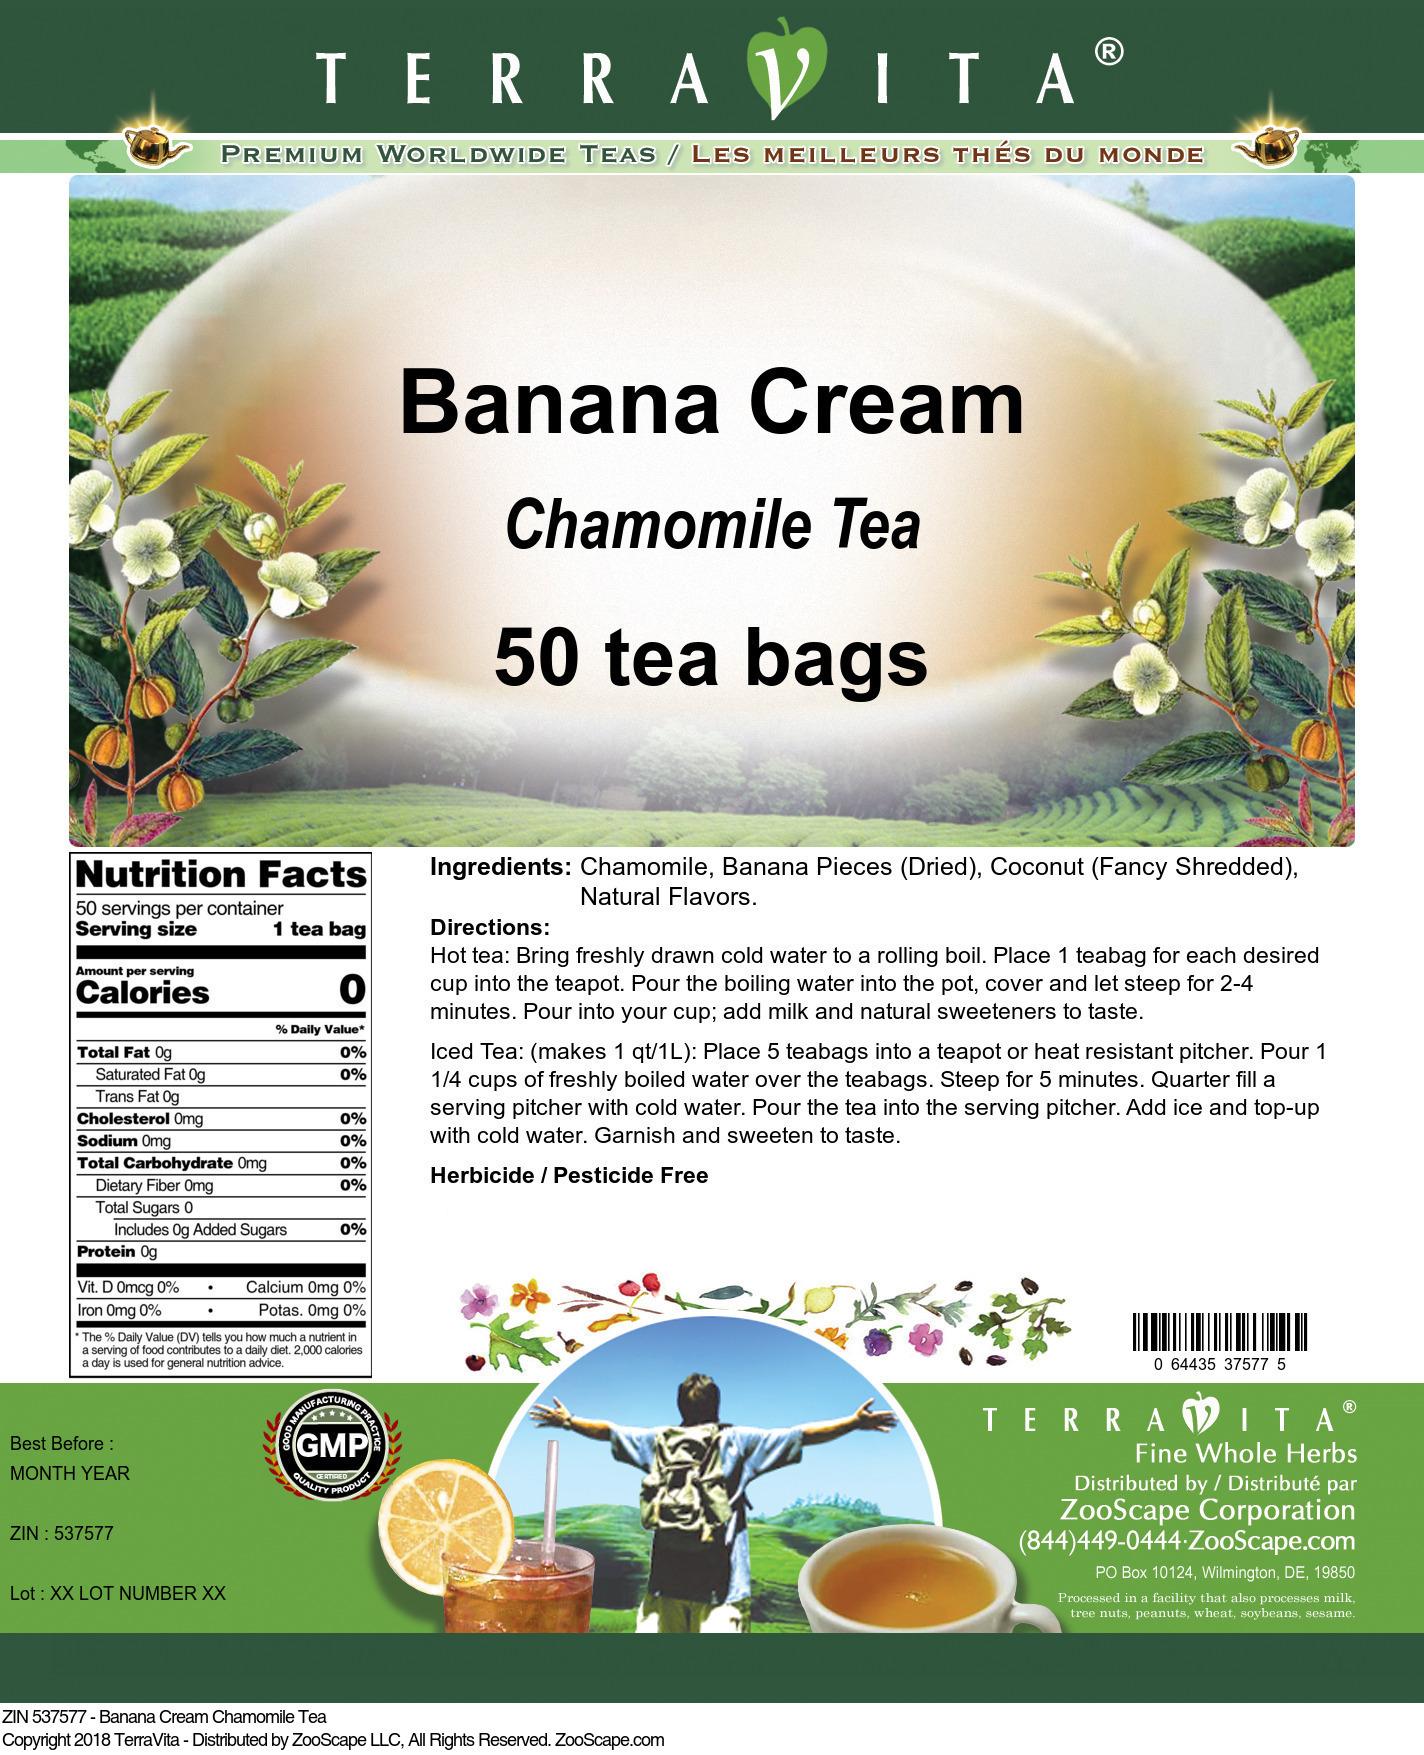 Banana Cream Chamomile Tea